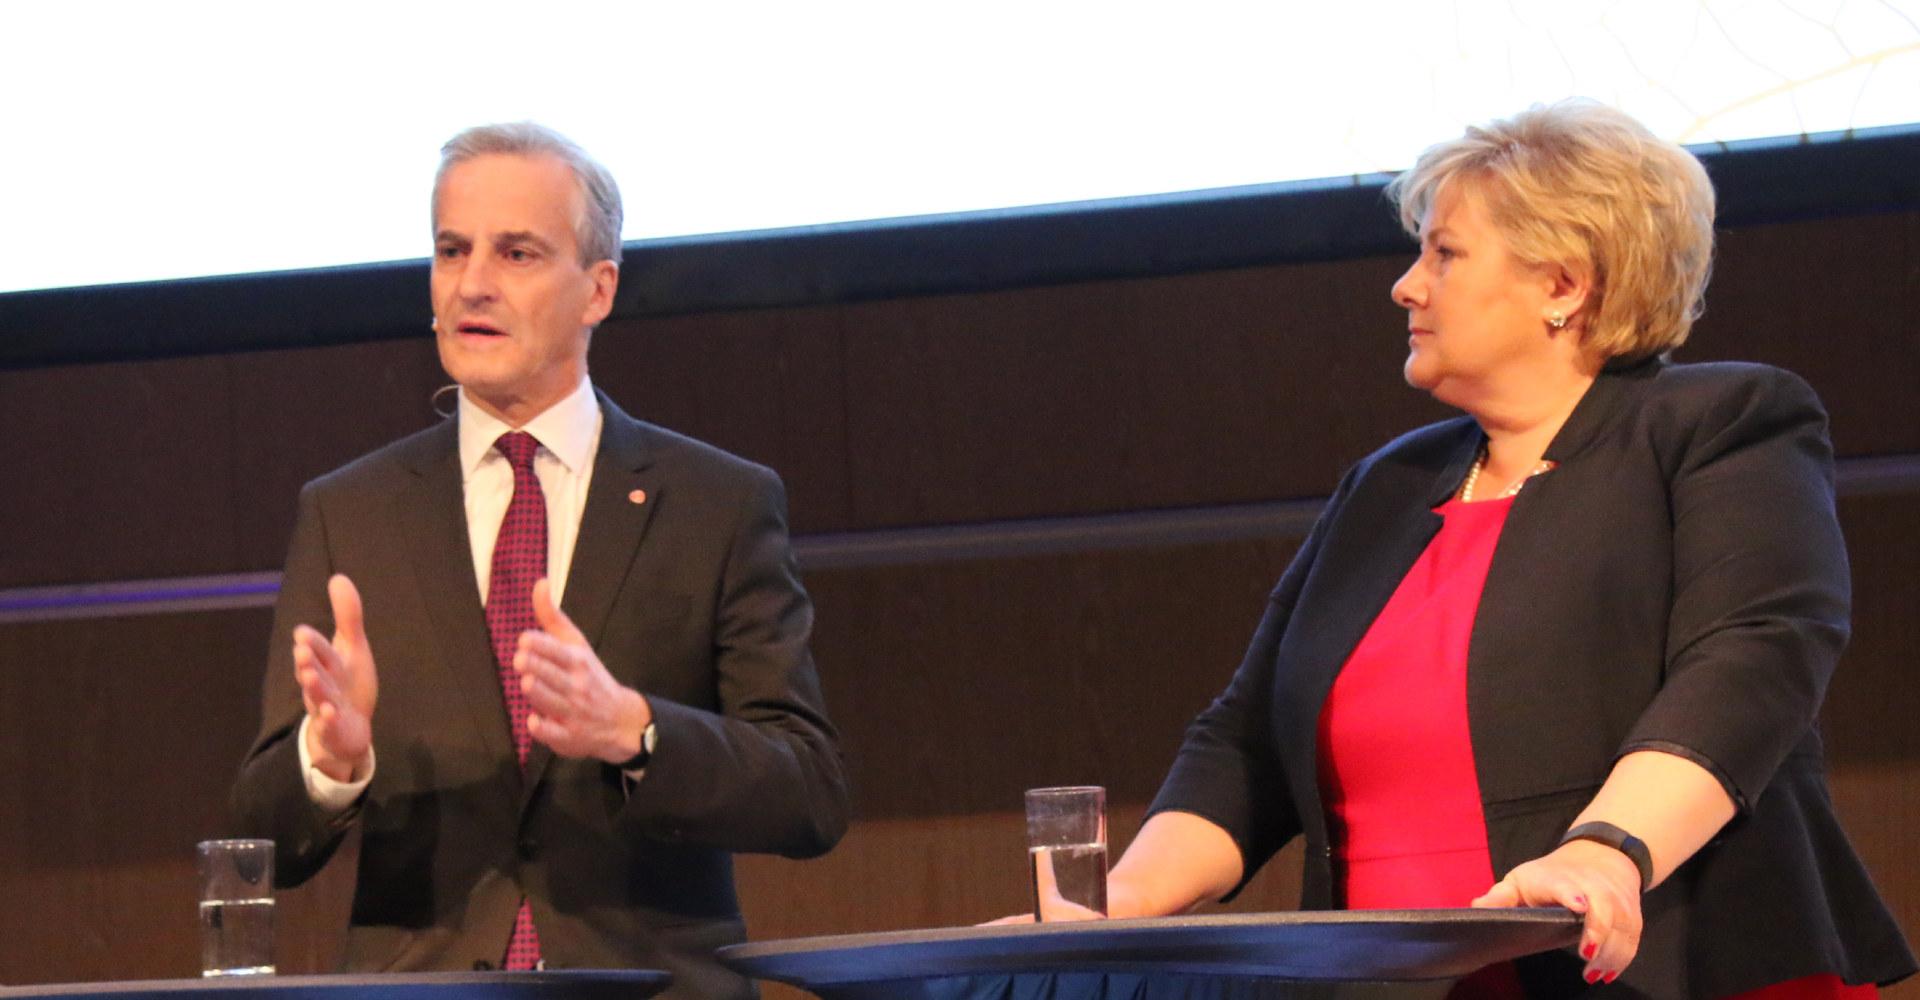 Fra Industrikonferansen 2017. Konferansier Anne Grosvold. Statsminister Erna Solberg og partileder i AP, Jonas Gahr Støre